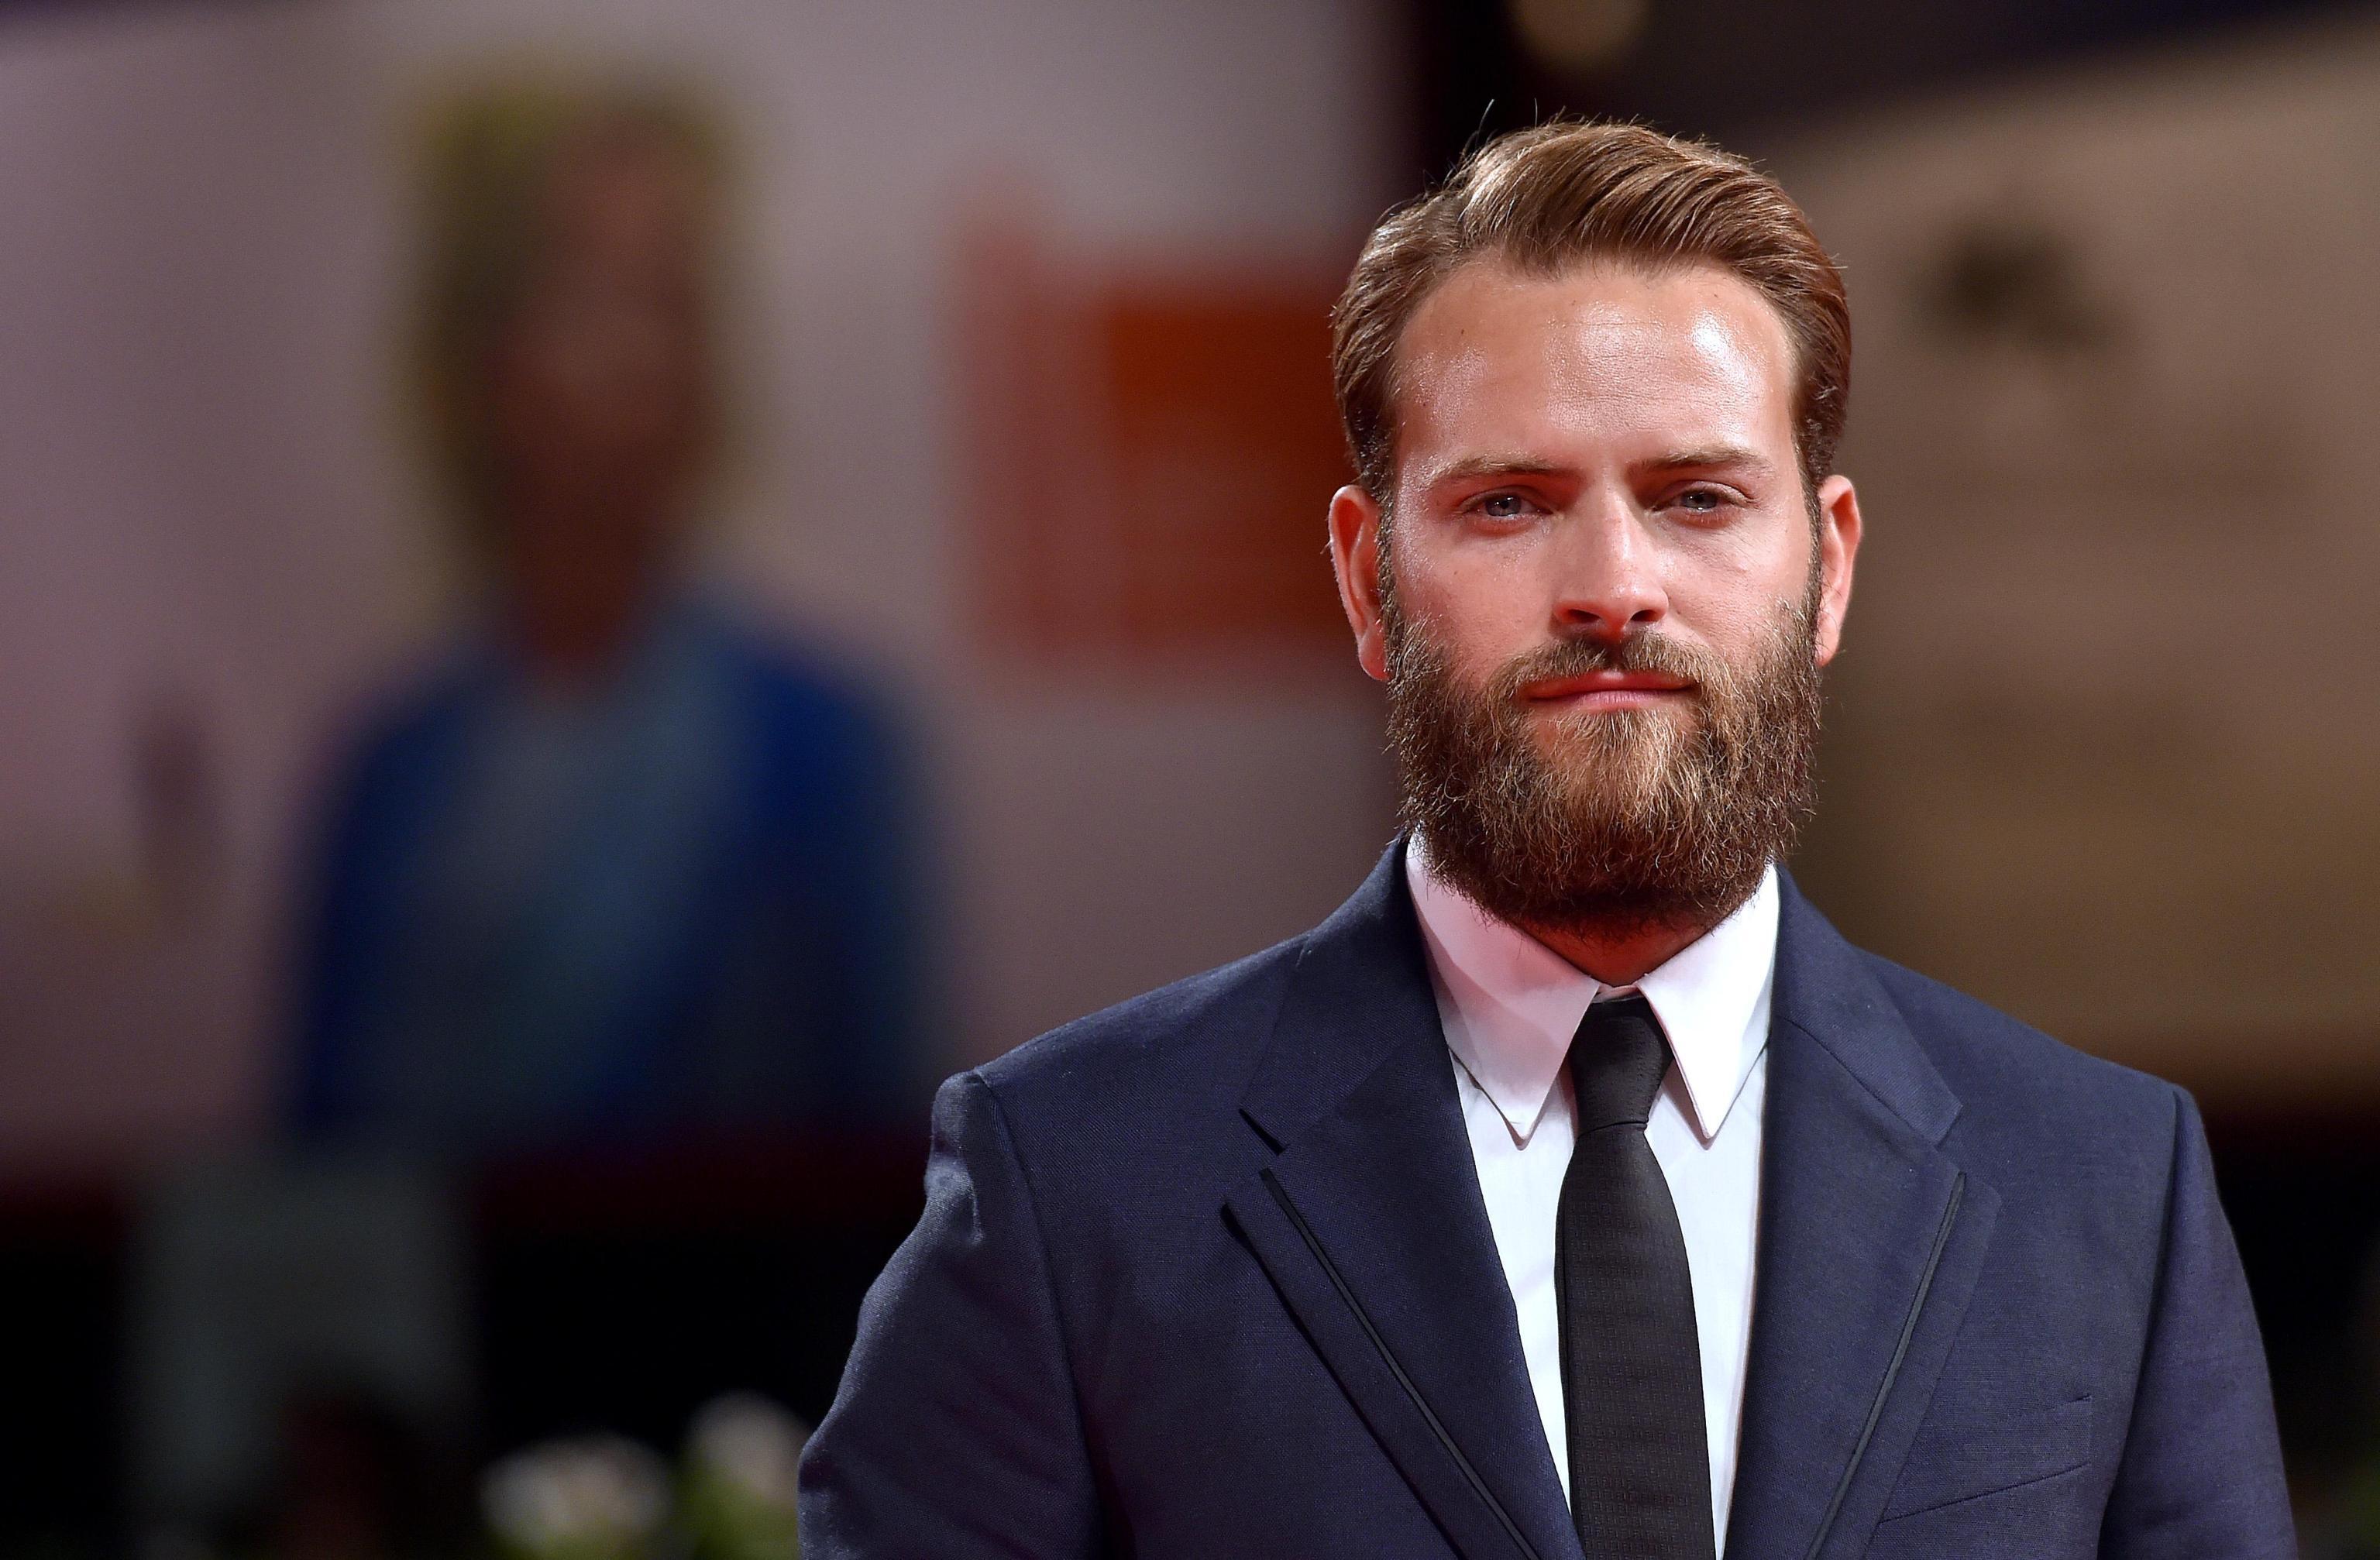 Festival del cinema di Venezia 2017, Alessandro Borghi: chi è il padrino della kermesse?